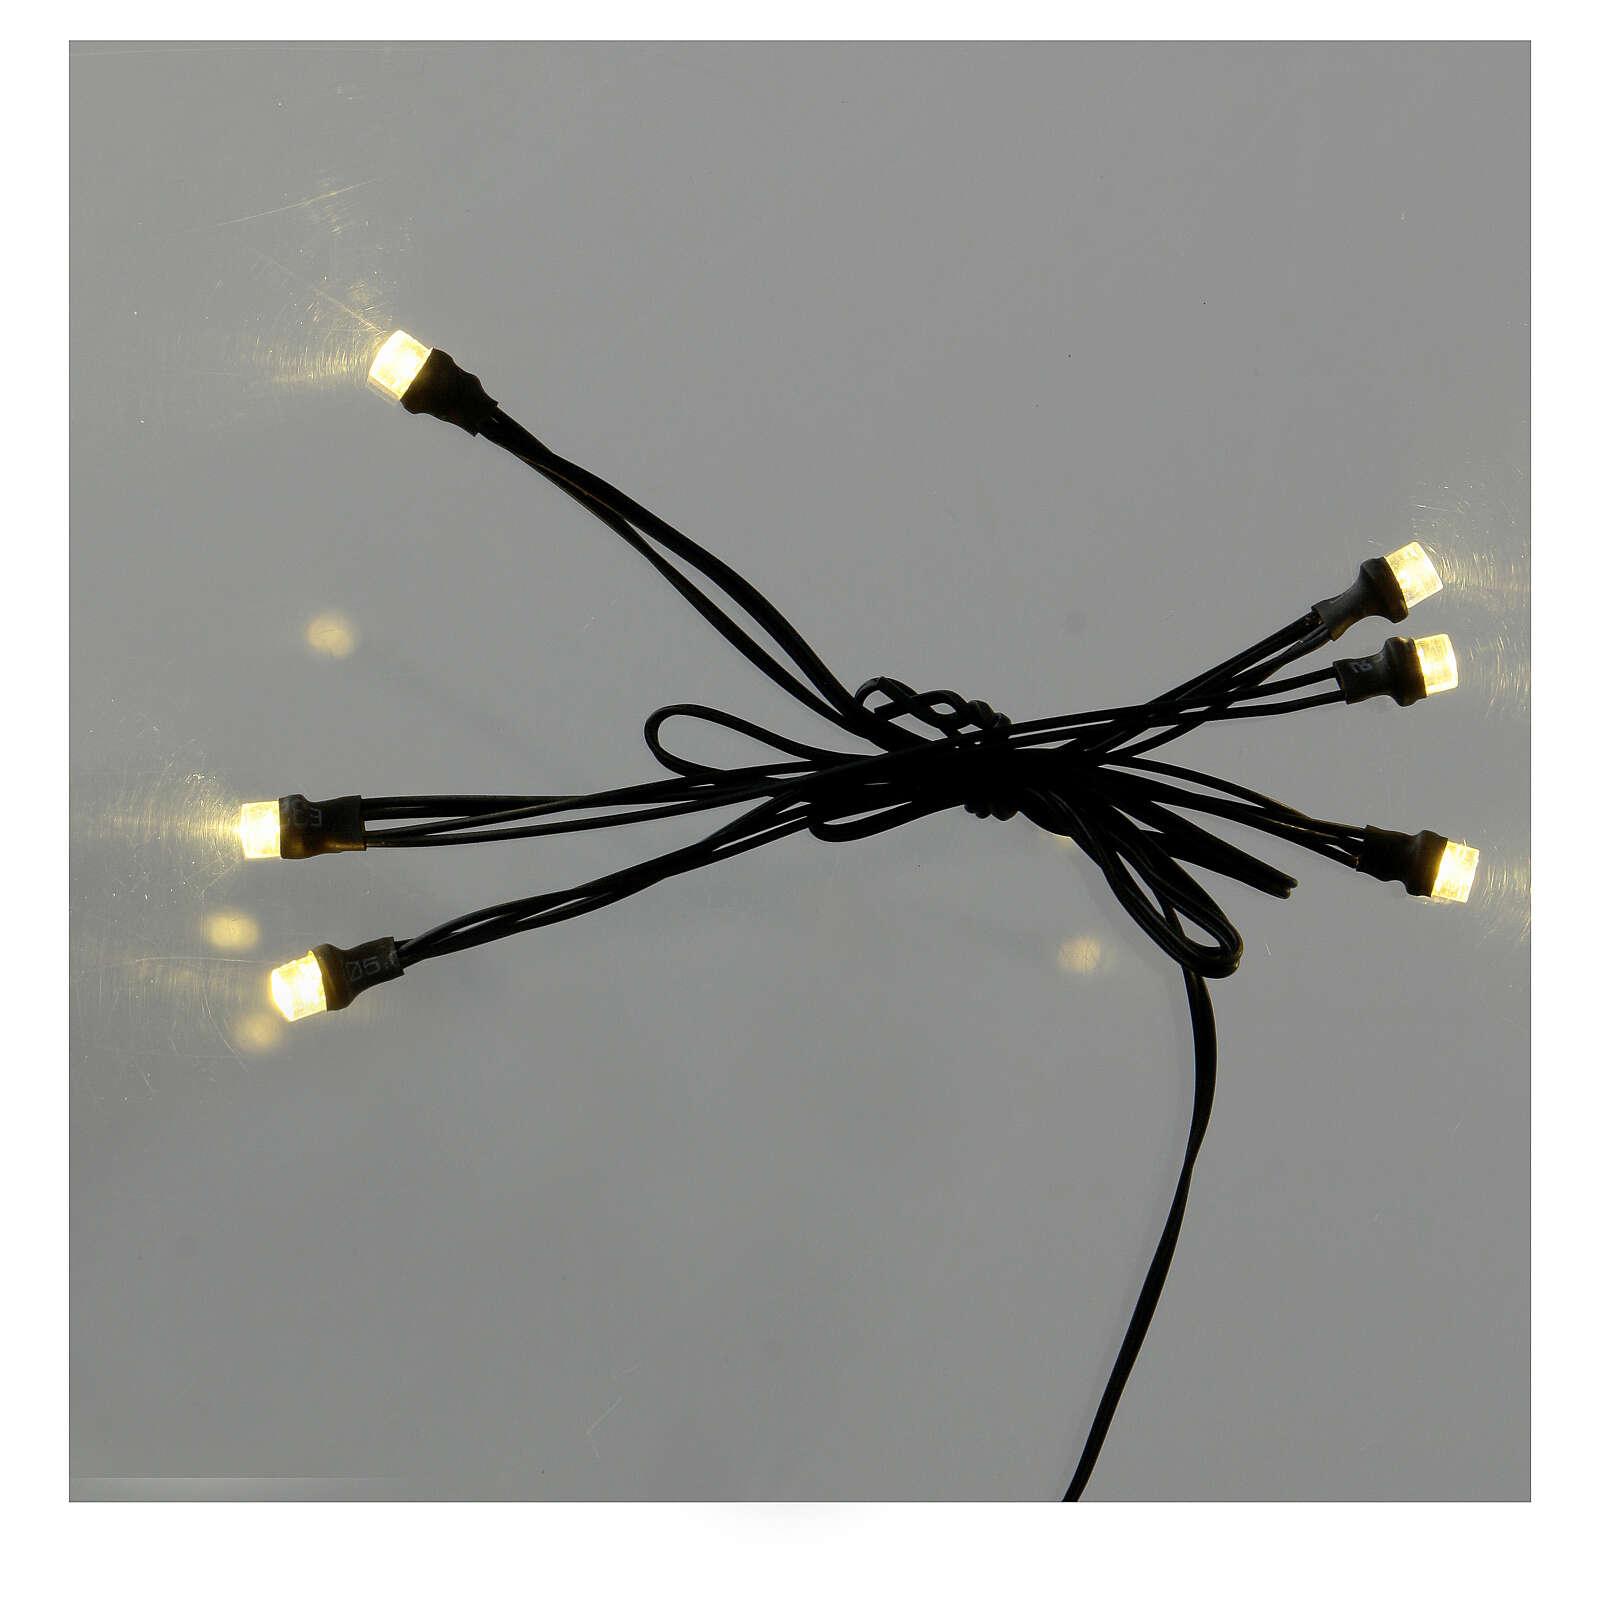 Série de 5 lâmpadas LED amarelas 3,5 V 4